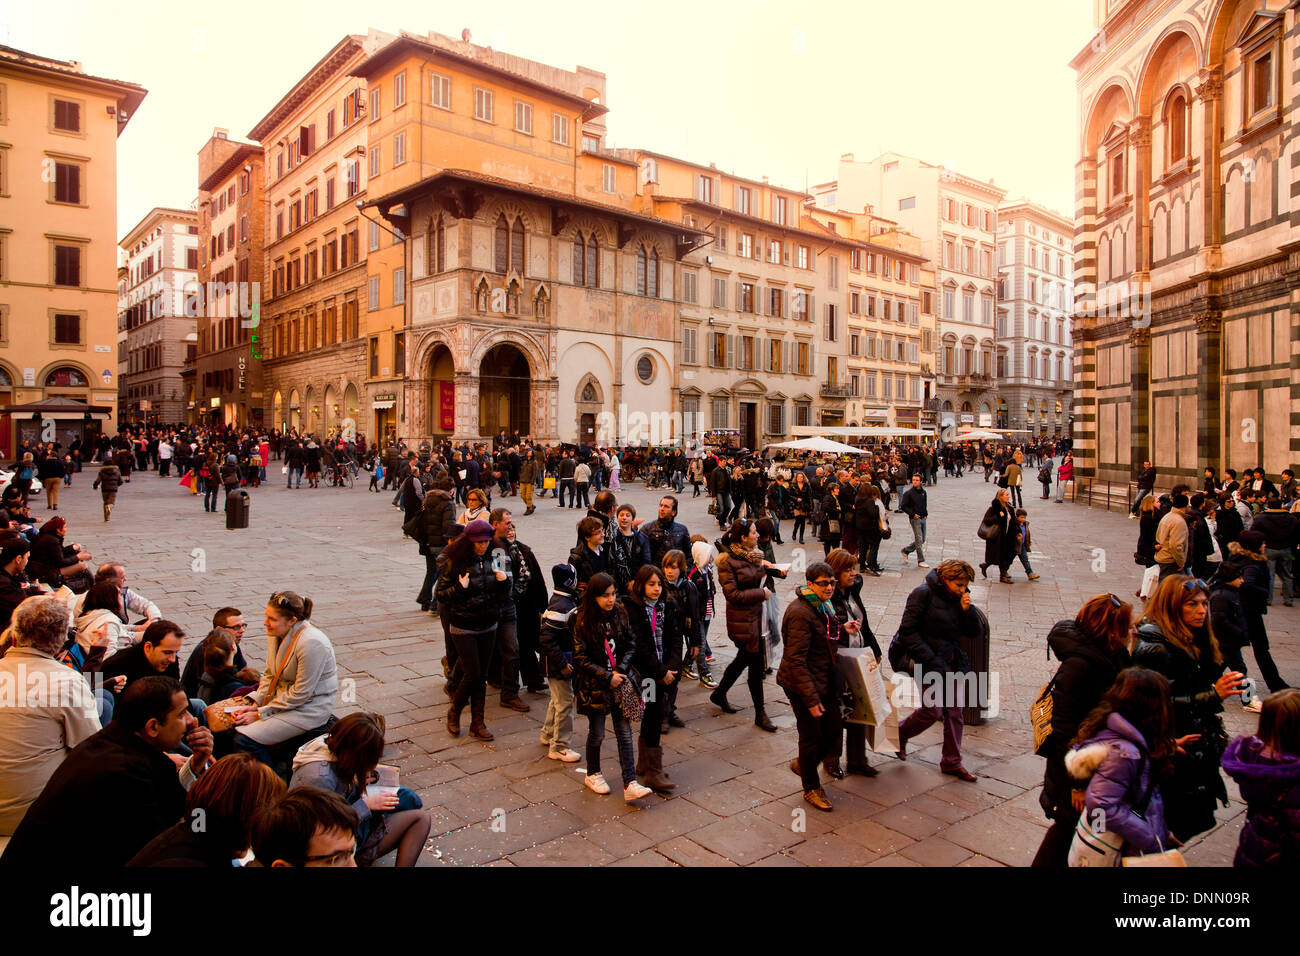 Am Nachmittag Massen von Touristen zu Fuß hinter dem Dom, Florenz, Italien Stockbild